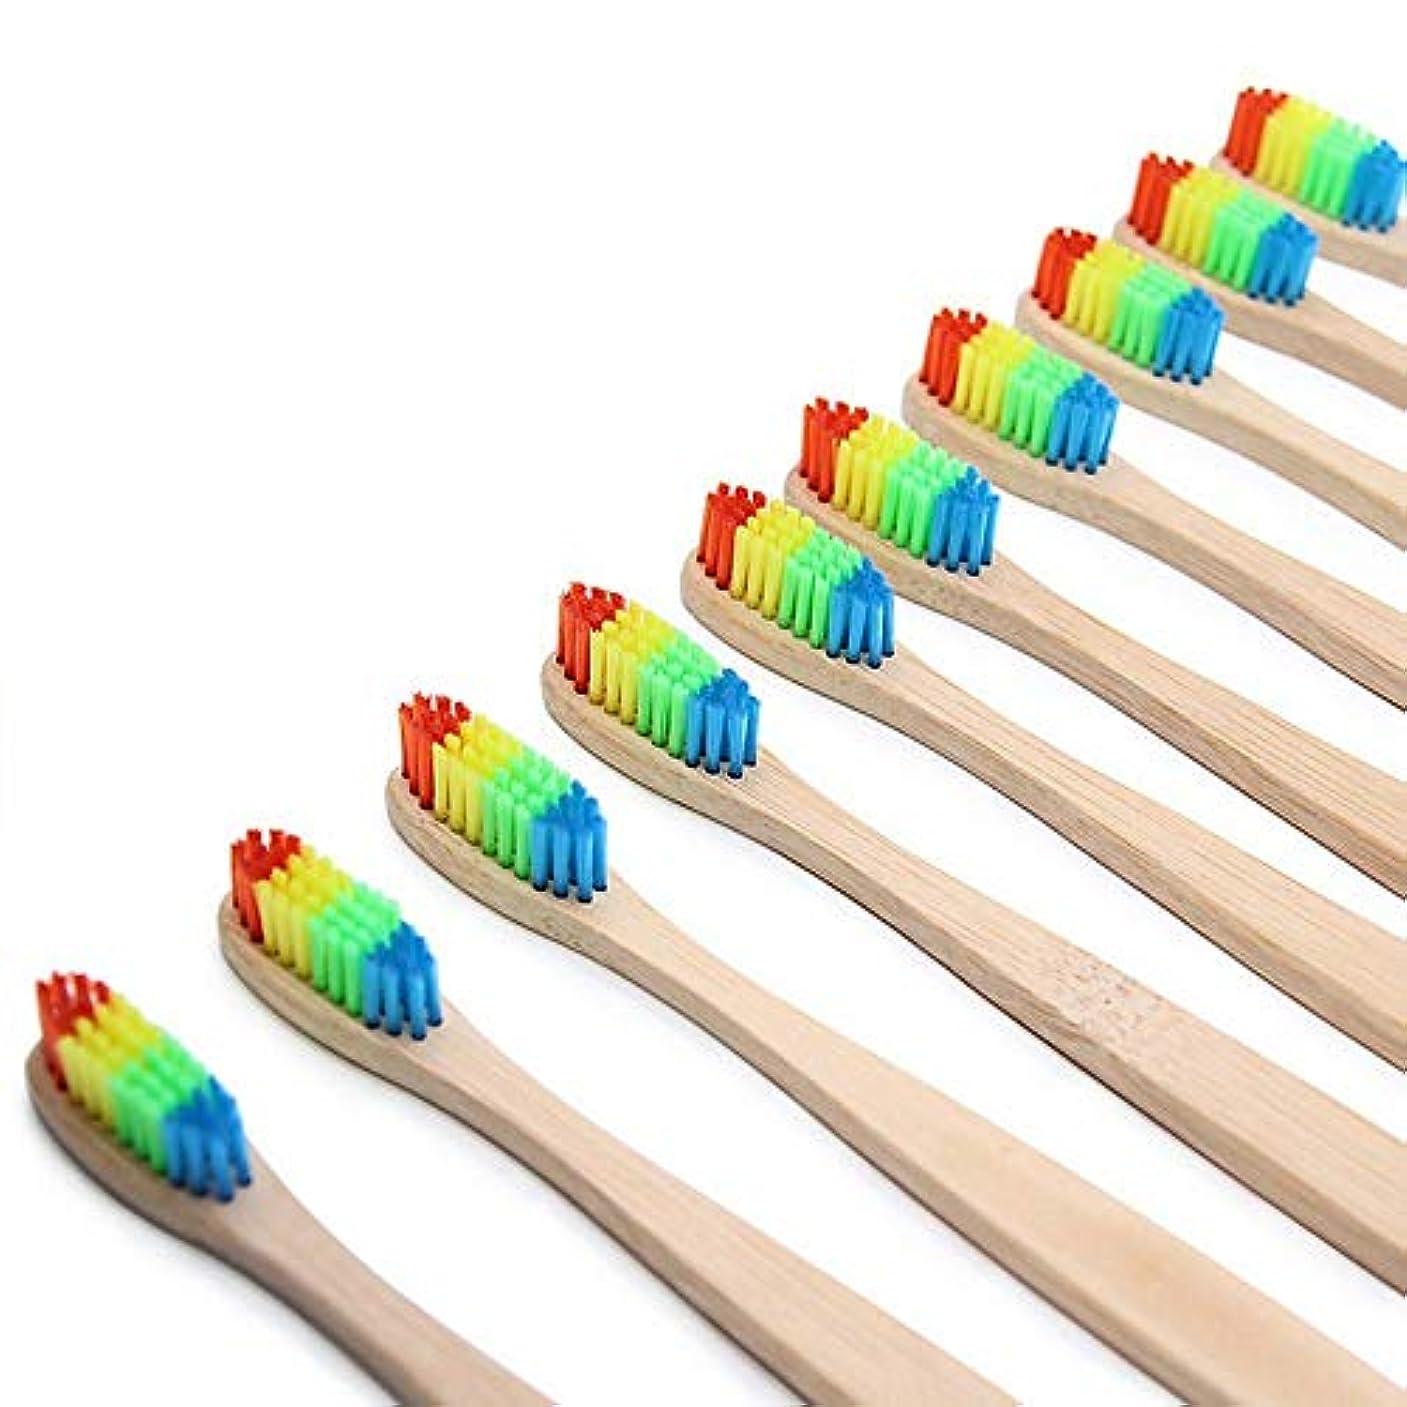 不忠エクスタシー十分天然竹歯ブラシ 竹の歯ブラシ ナイロン毛 8本  (カラー)